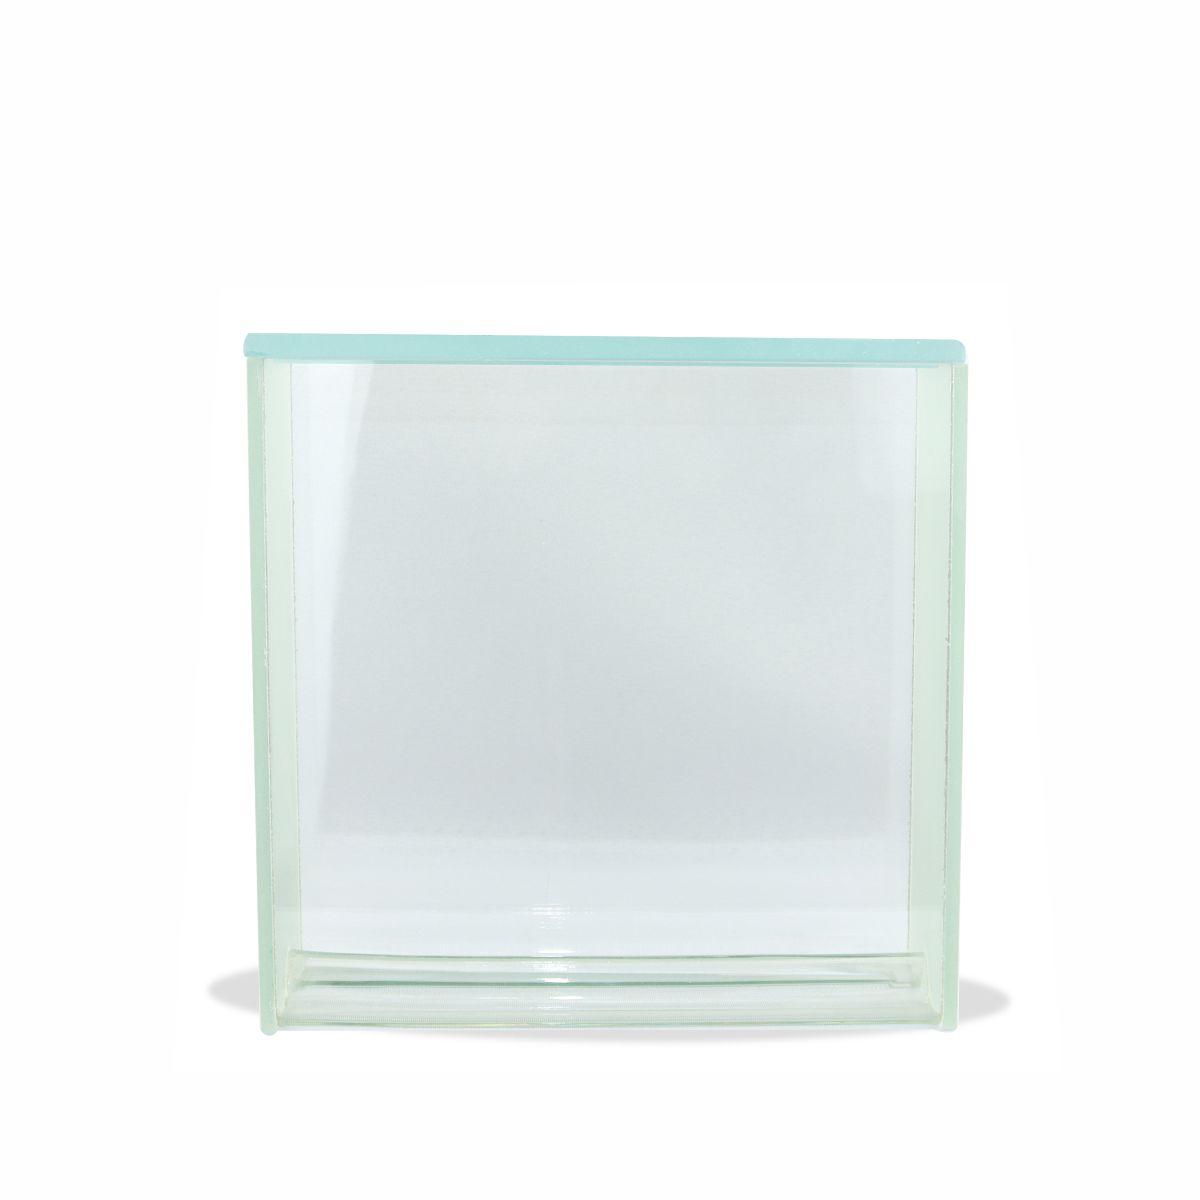 Cuba de Vidro para Placas TLC 20 X 20 cm